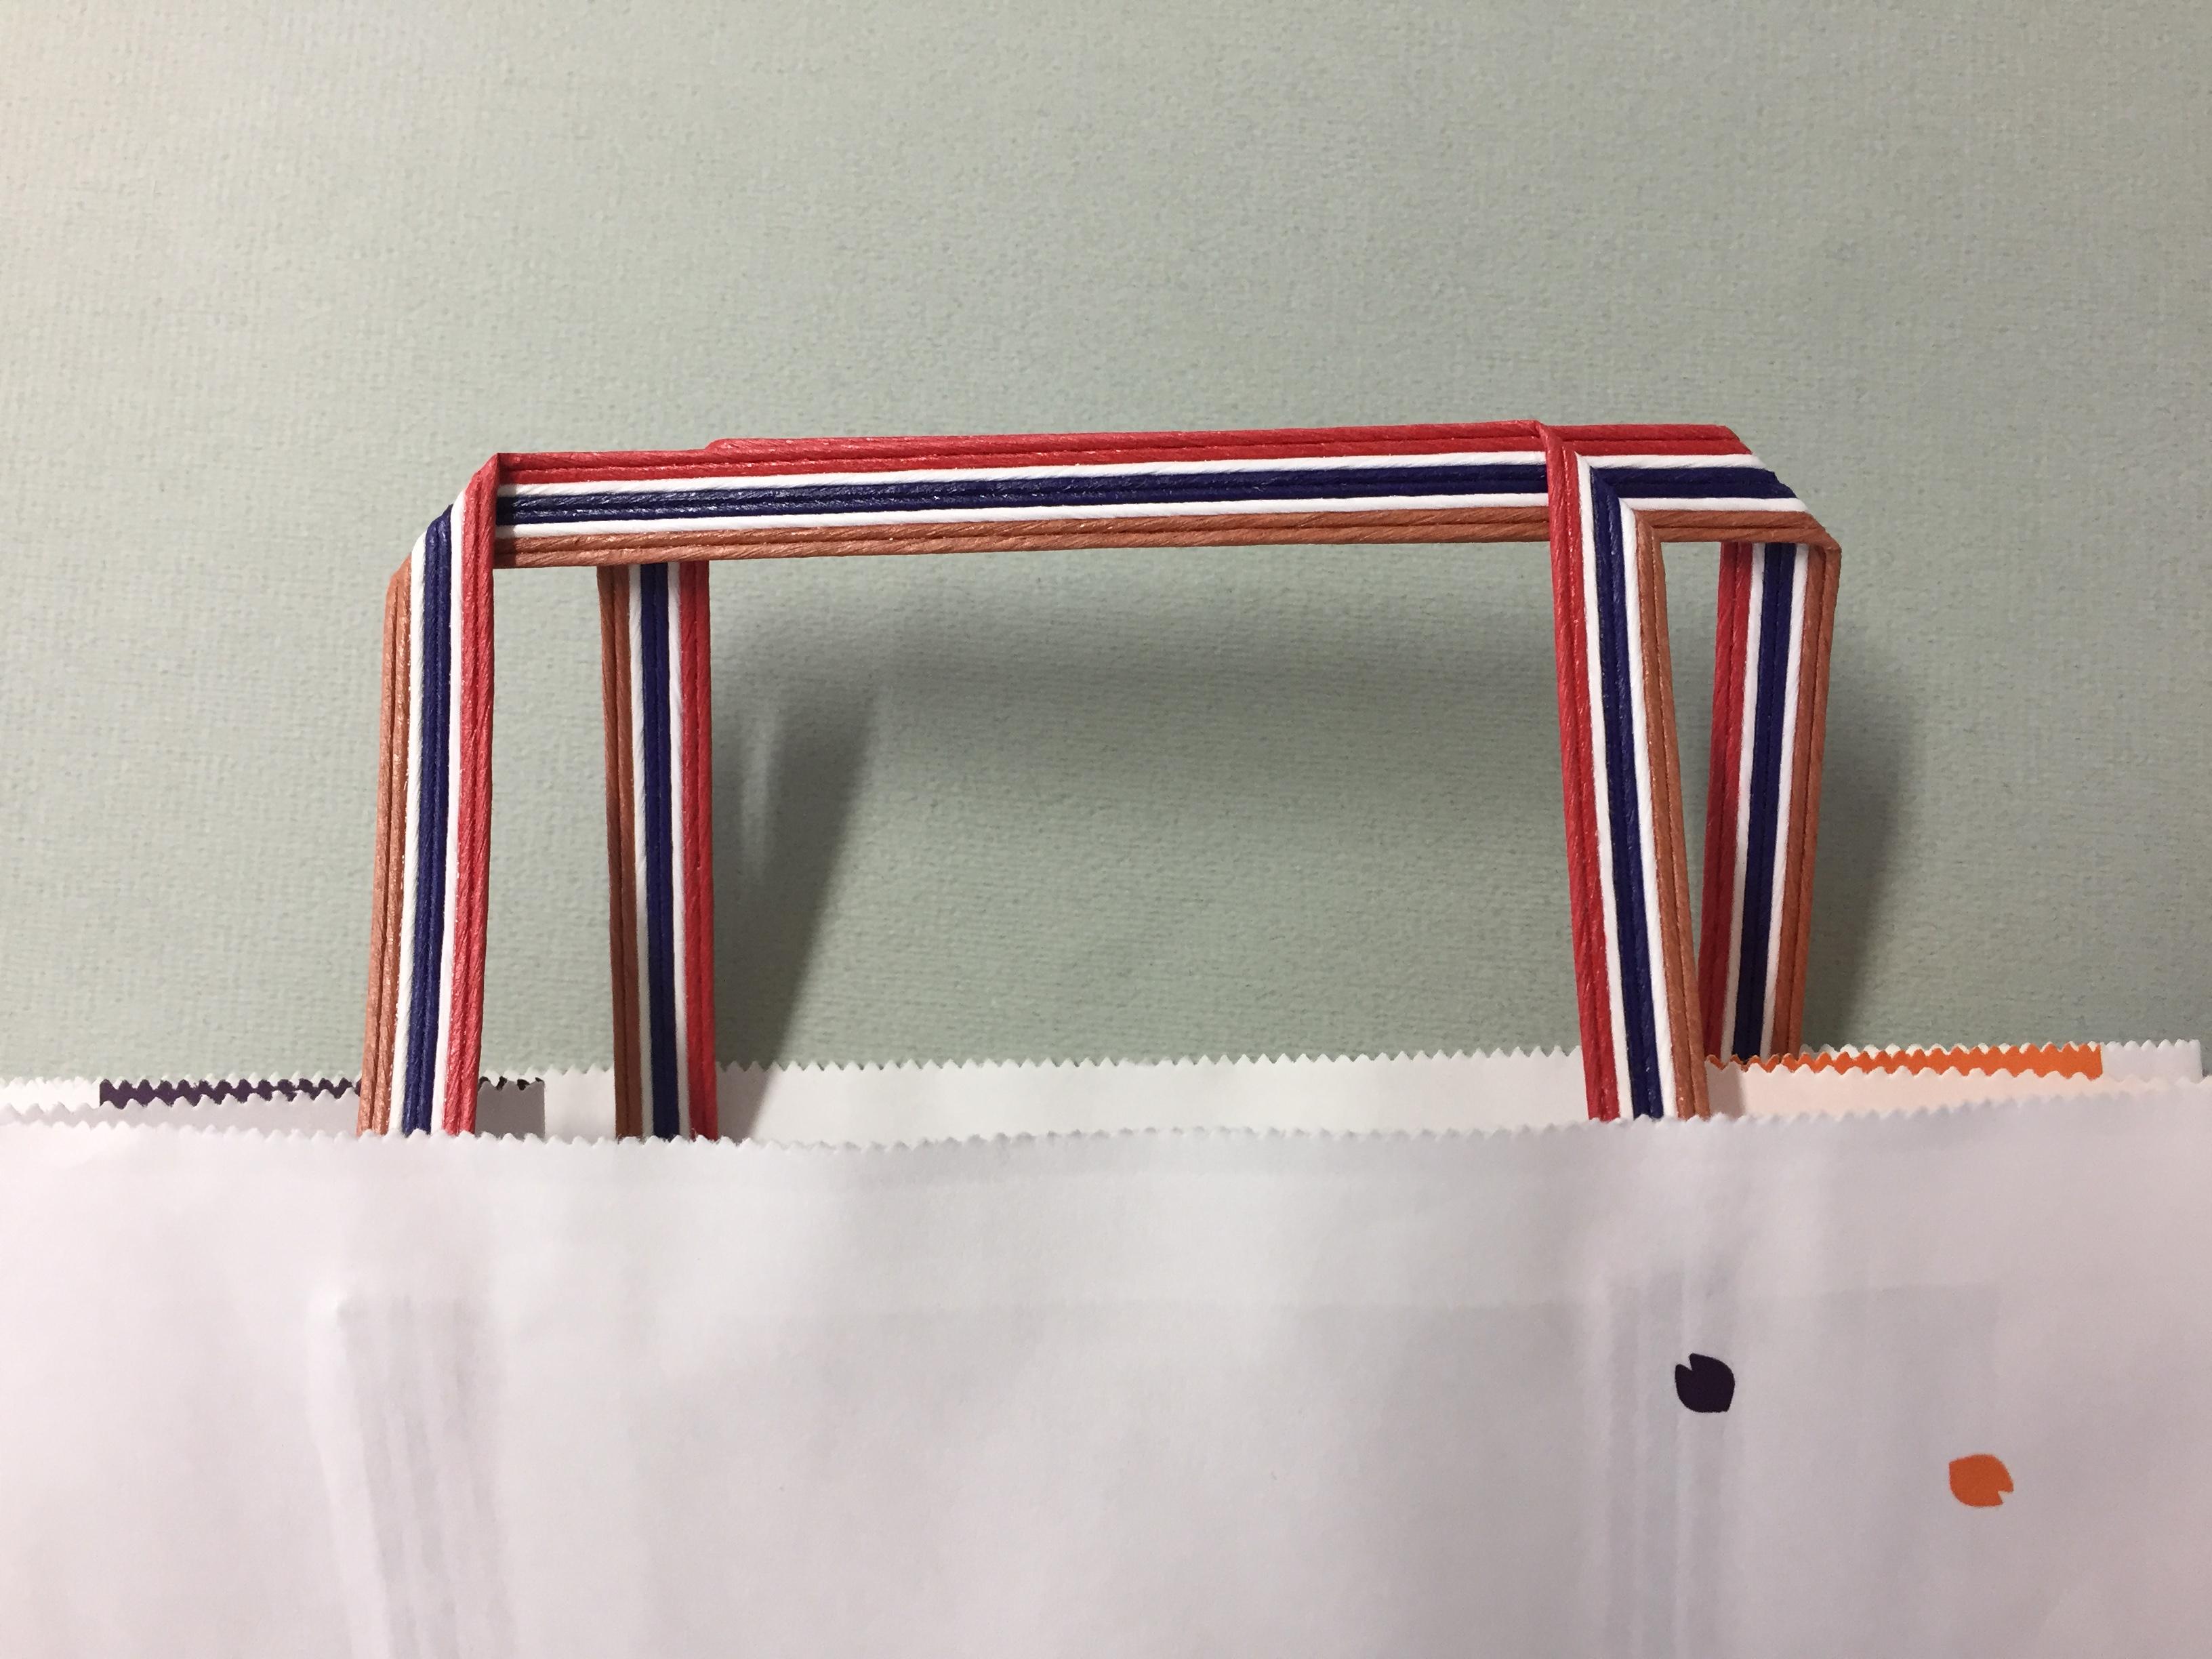 オリジナル紙袋、ショッパーの持ち手 こんなこともできます!